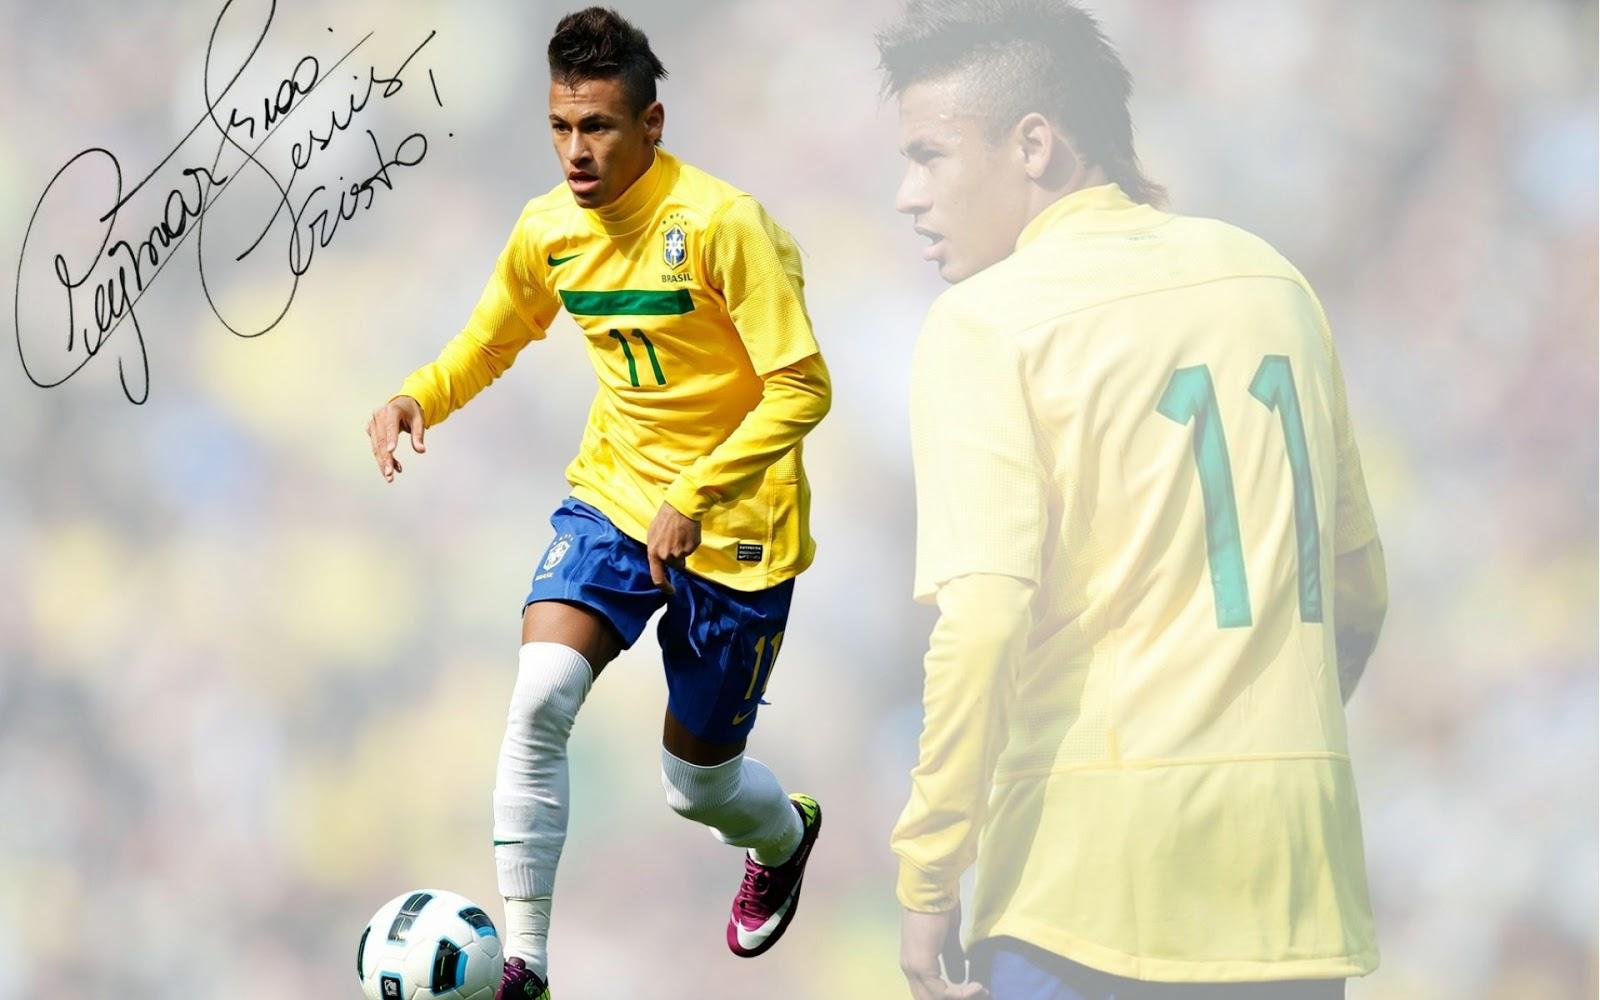 صورة نيمار البرازيلي مع توقيعه على الصوره